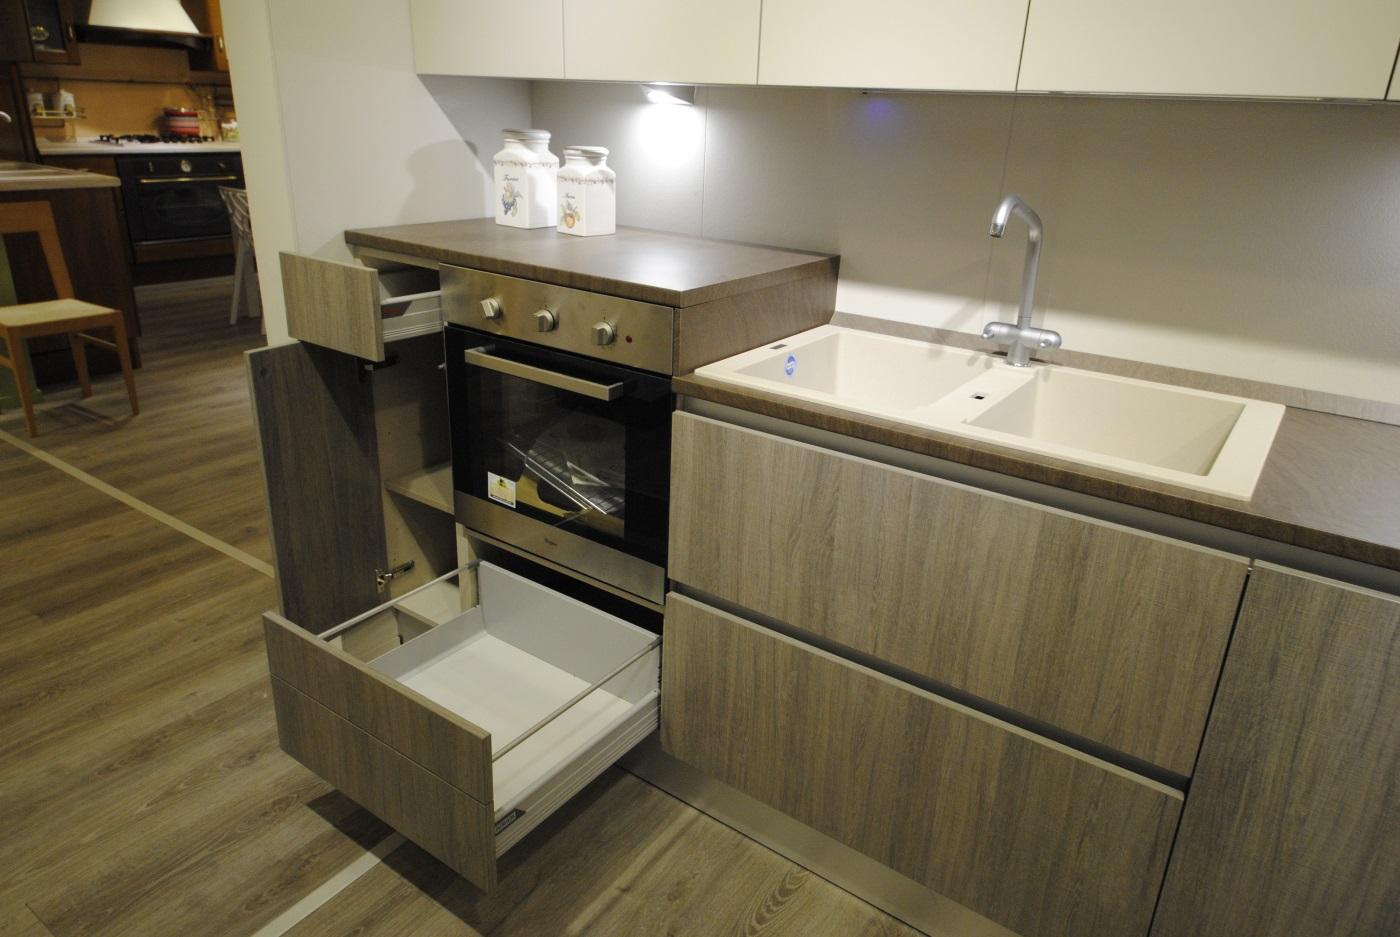 Offerta cucina Scavolini Basic modello Evolution decorativo e laccato opaco  San Gaetano Arredamenti